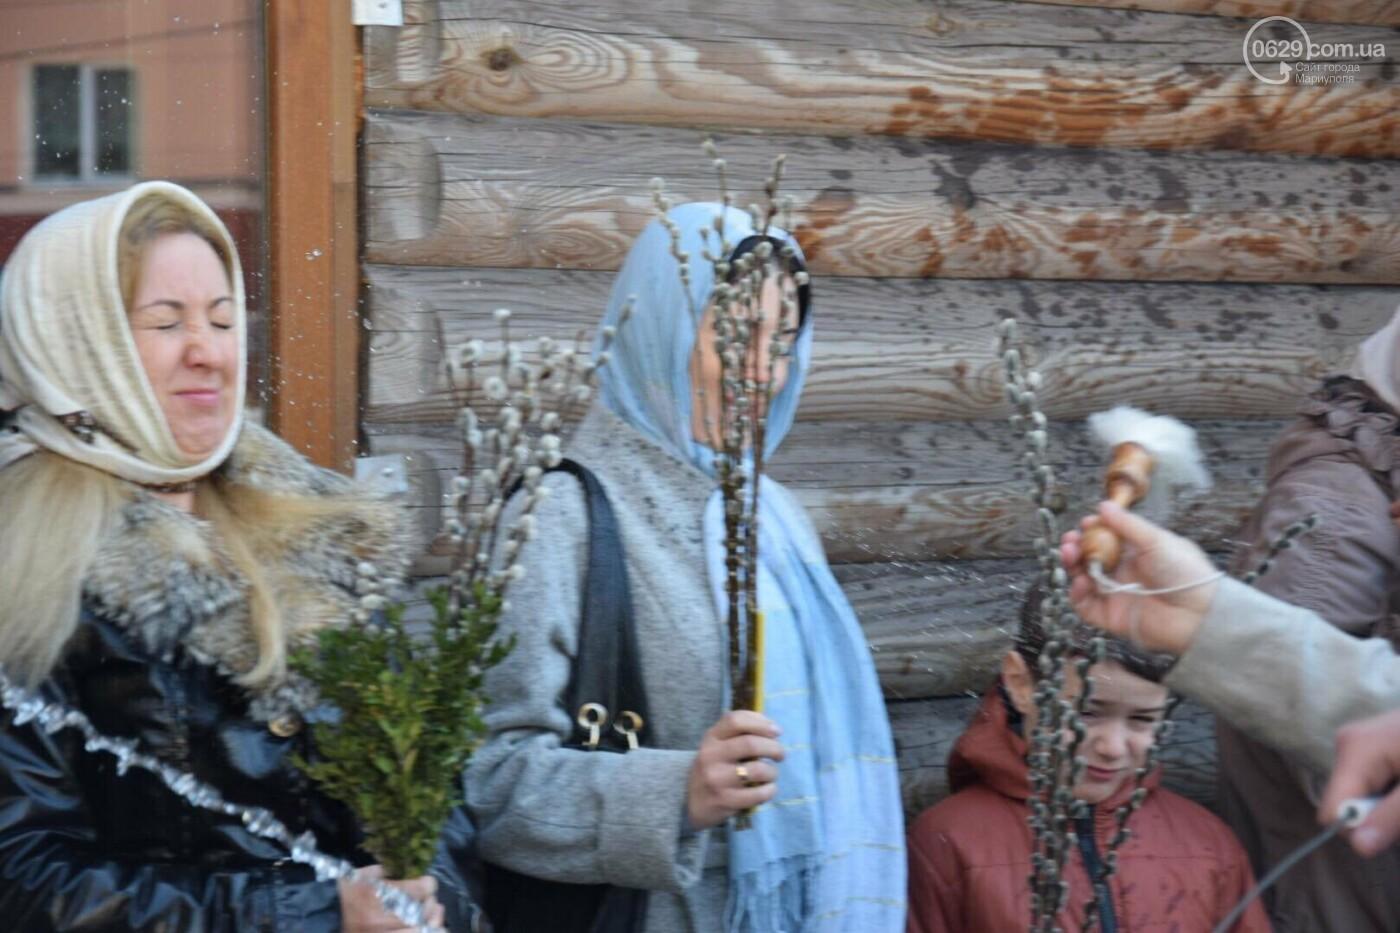 Выборы и верба: как Мариуполь празднует православный праздник, - ФОТОРЕПОРТАЖ, фото-19